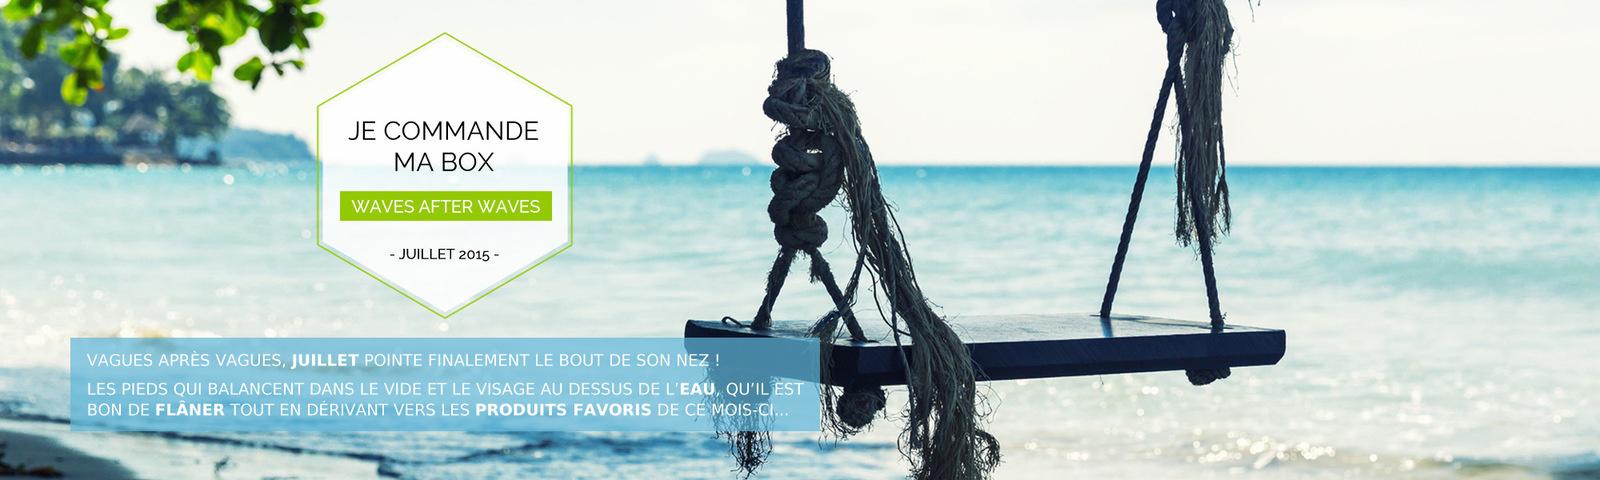 Cap sur les vagues ! Ou pas...#mysweetiebox